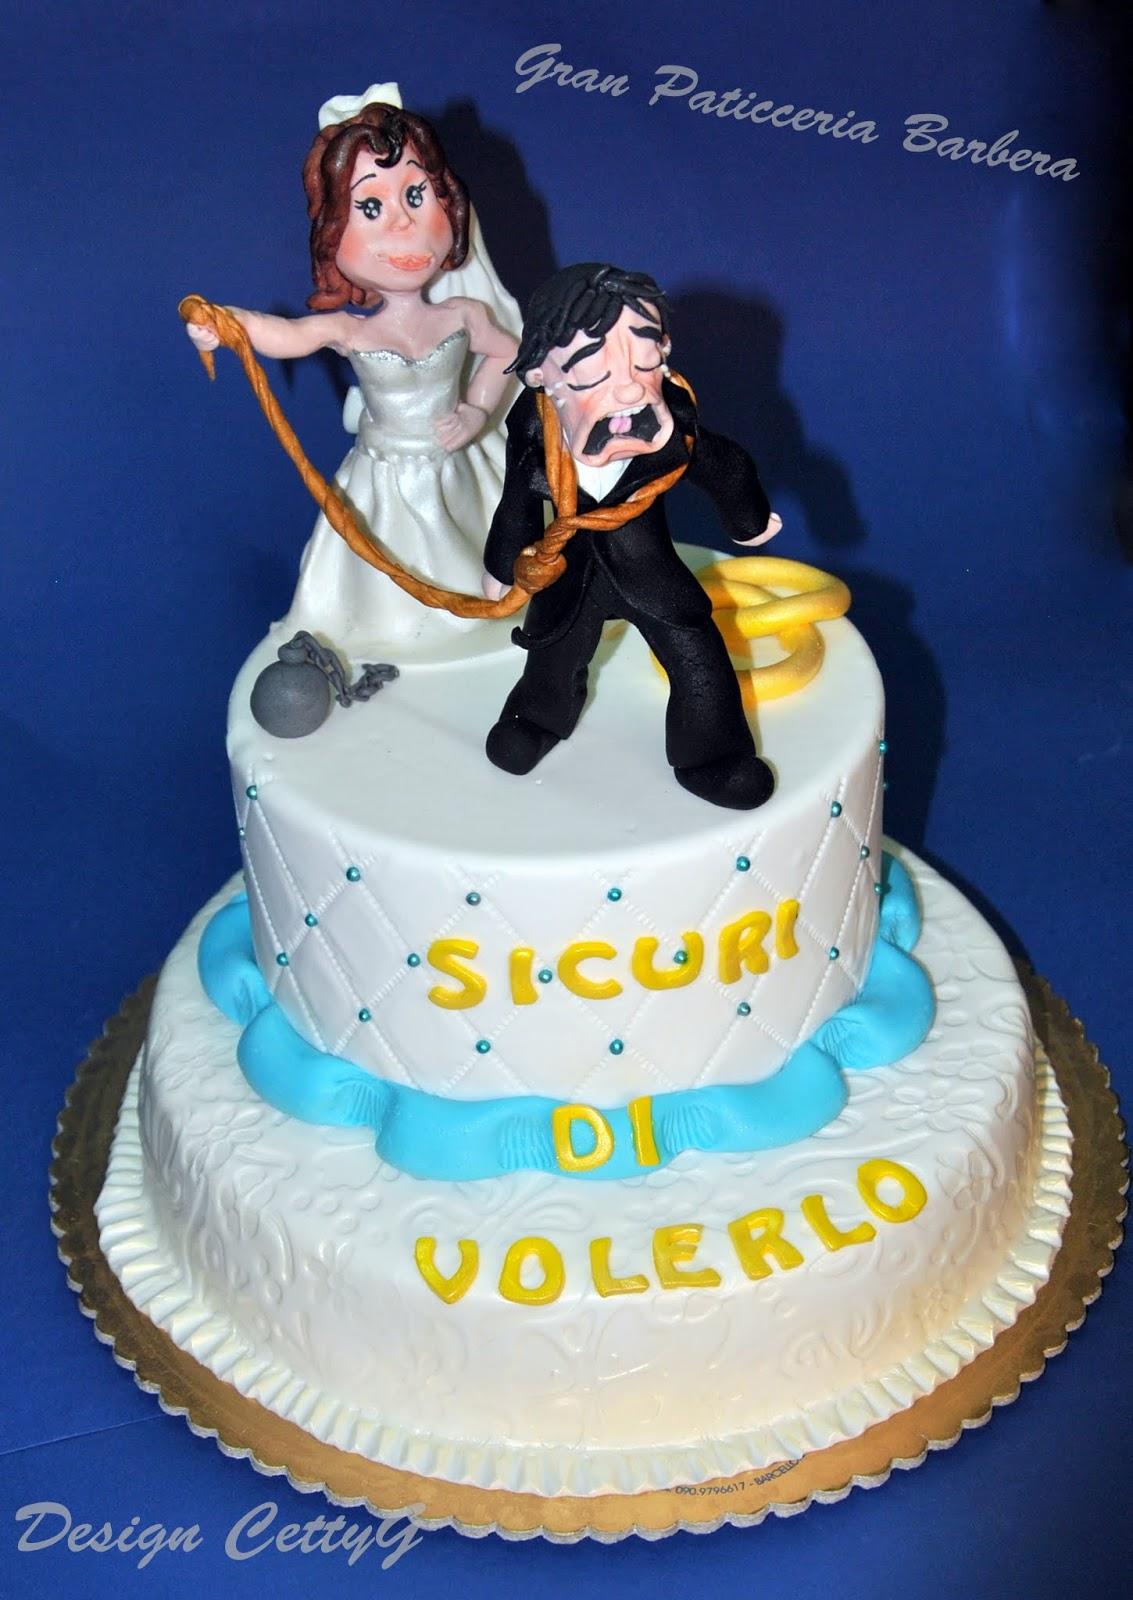 Le Torte Decorate Di Cetty G Addio Al Nubilatocelibato Cake